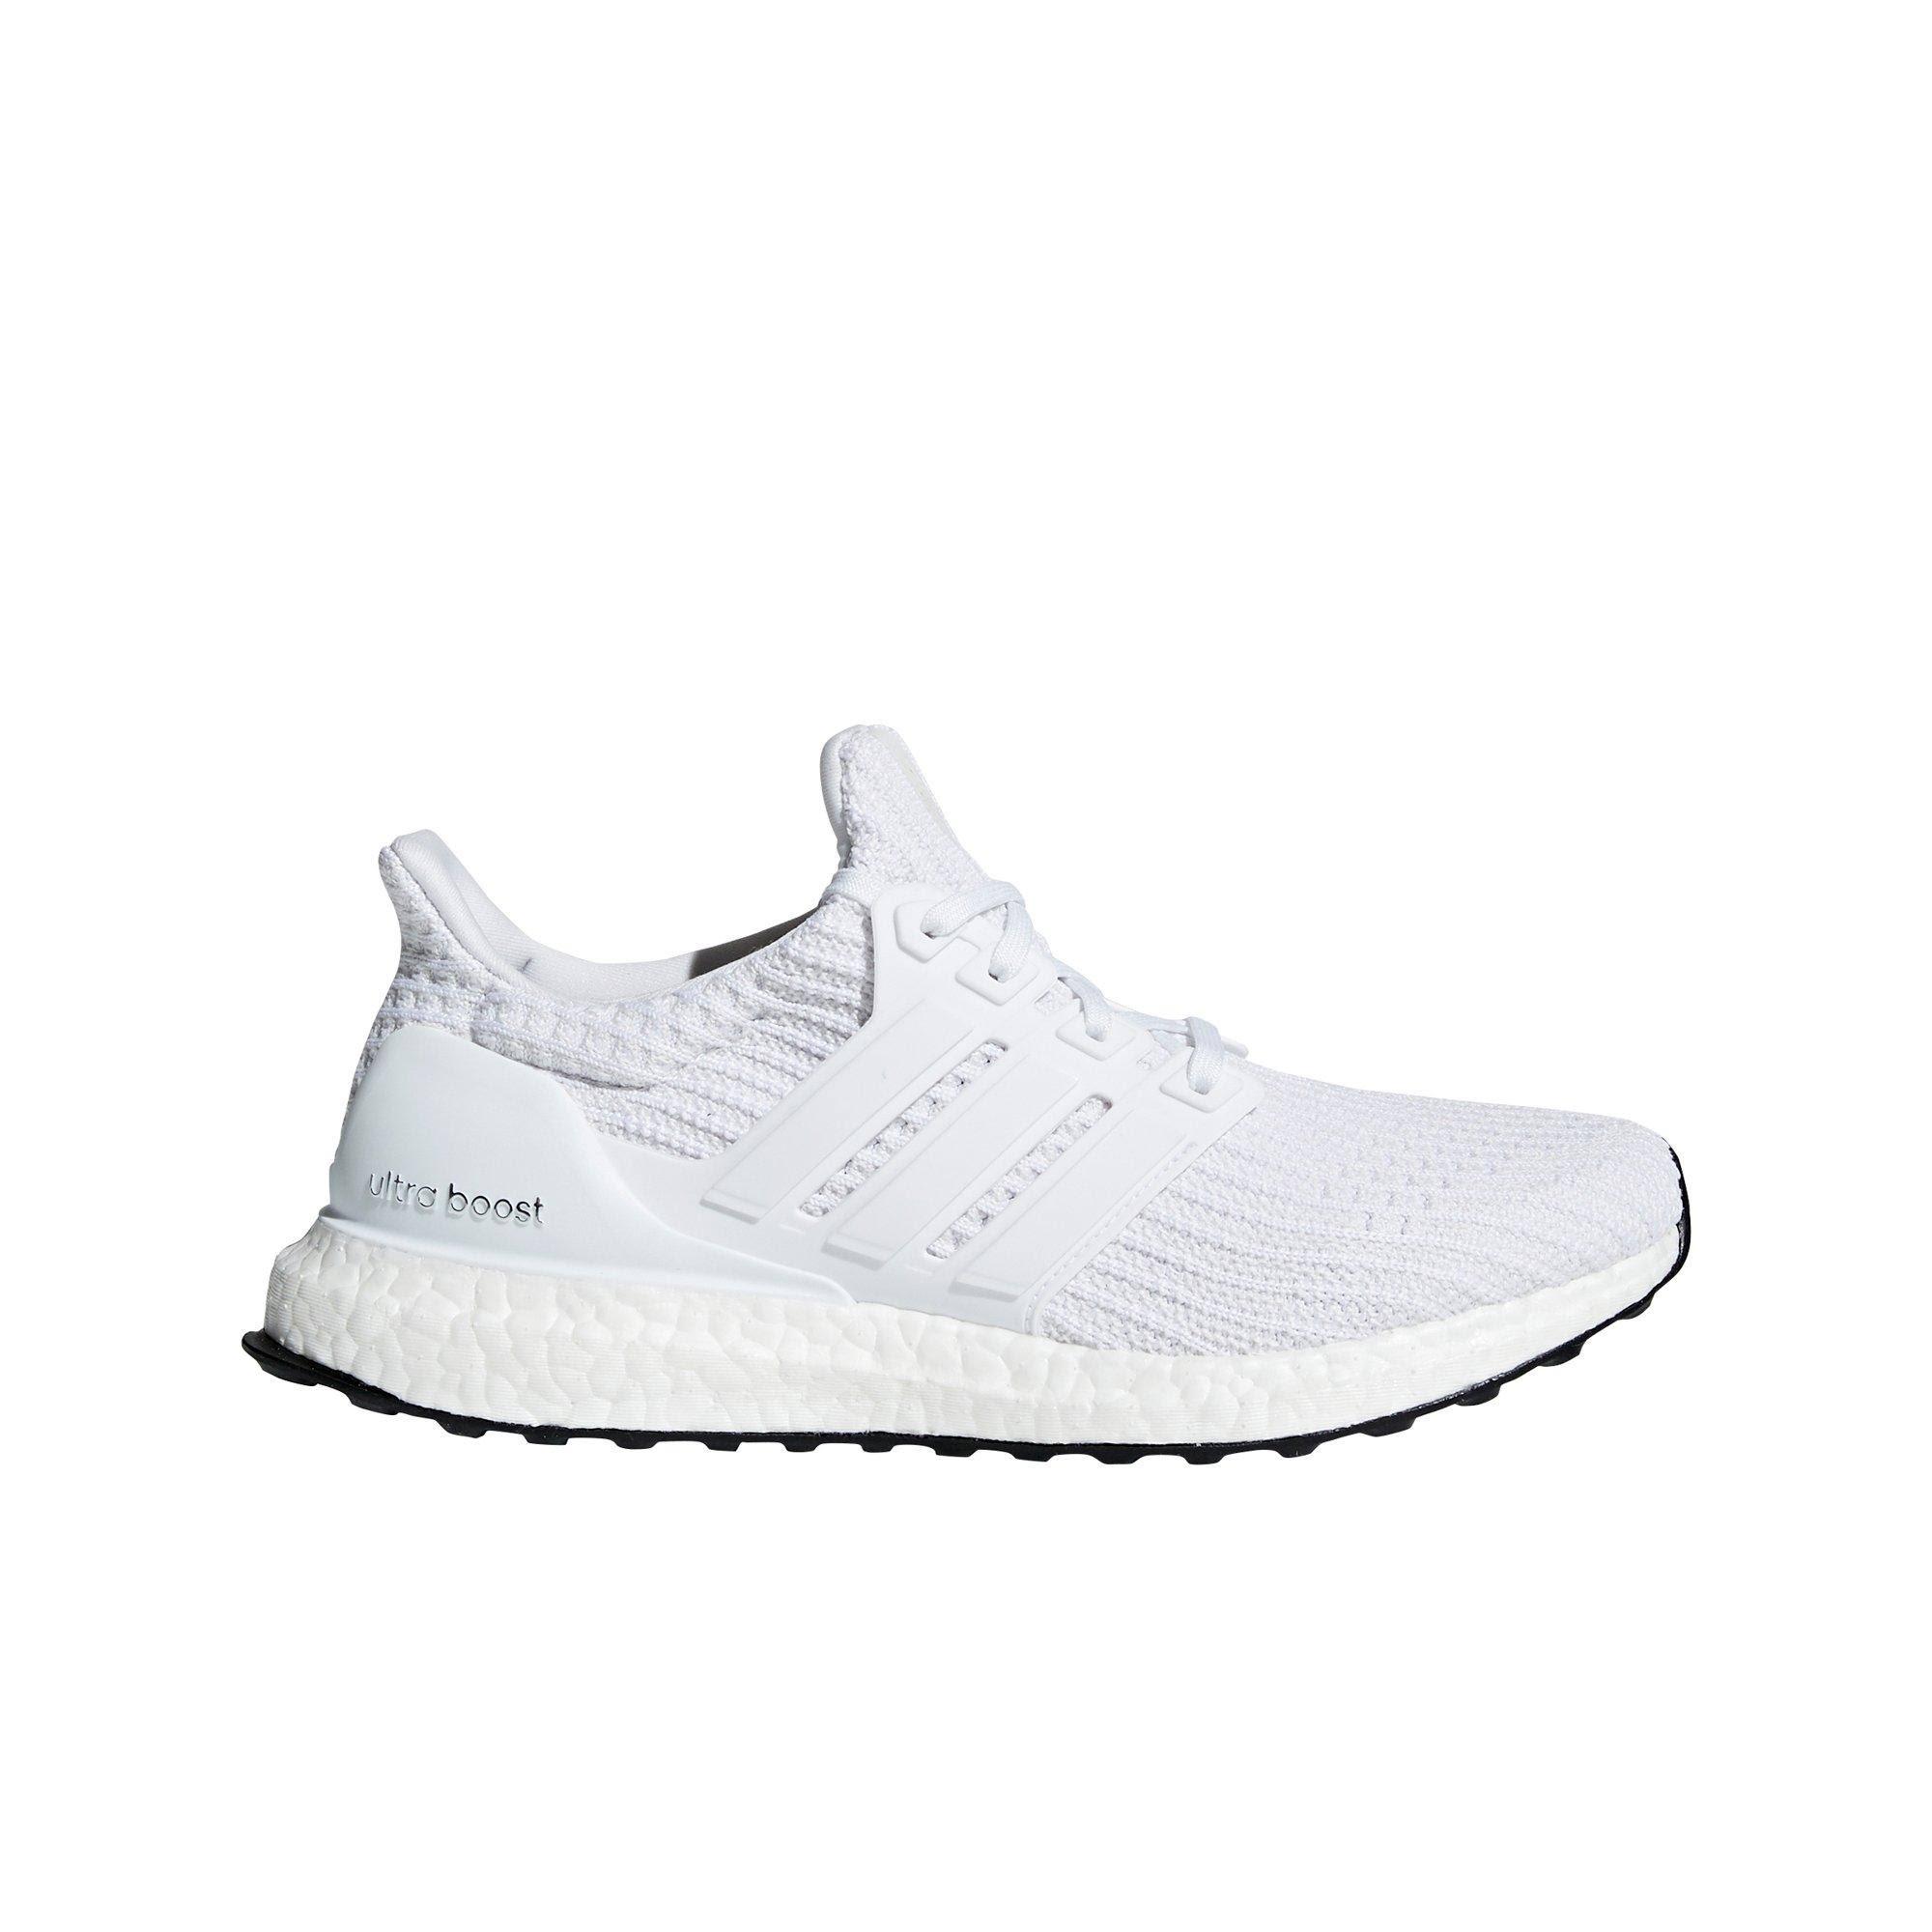 Bb6308 6 Ultra Laufschuhe Adidas Damen Boost Größe 5 gwZxwYIqR